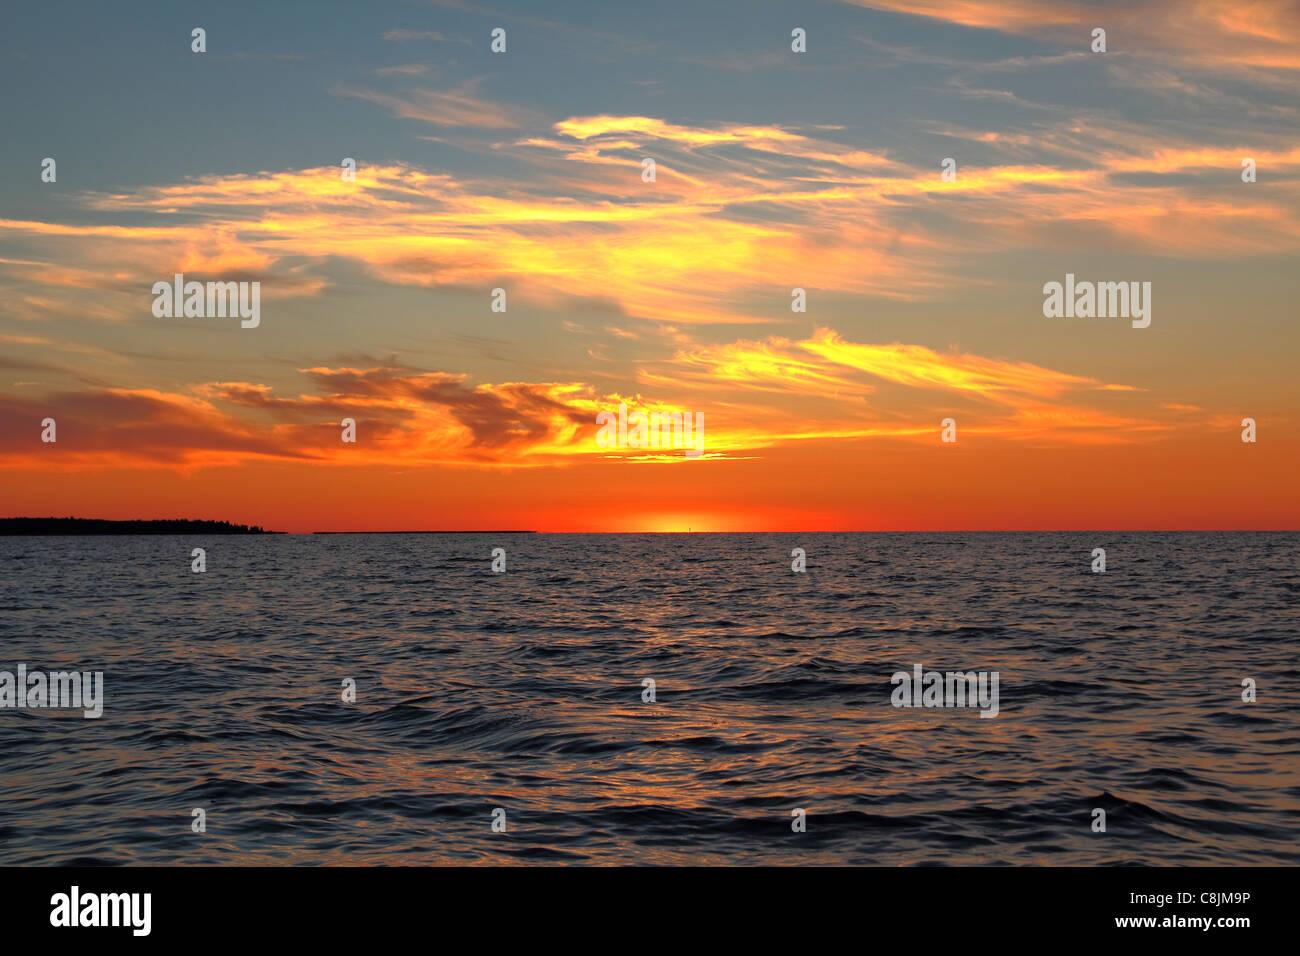 coucher de soleil sur le lac Photo Stock